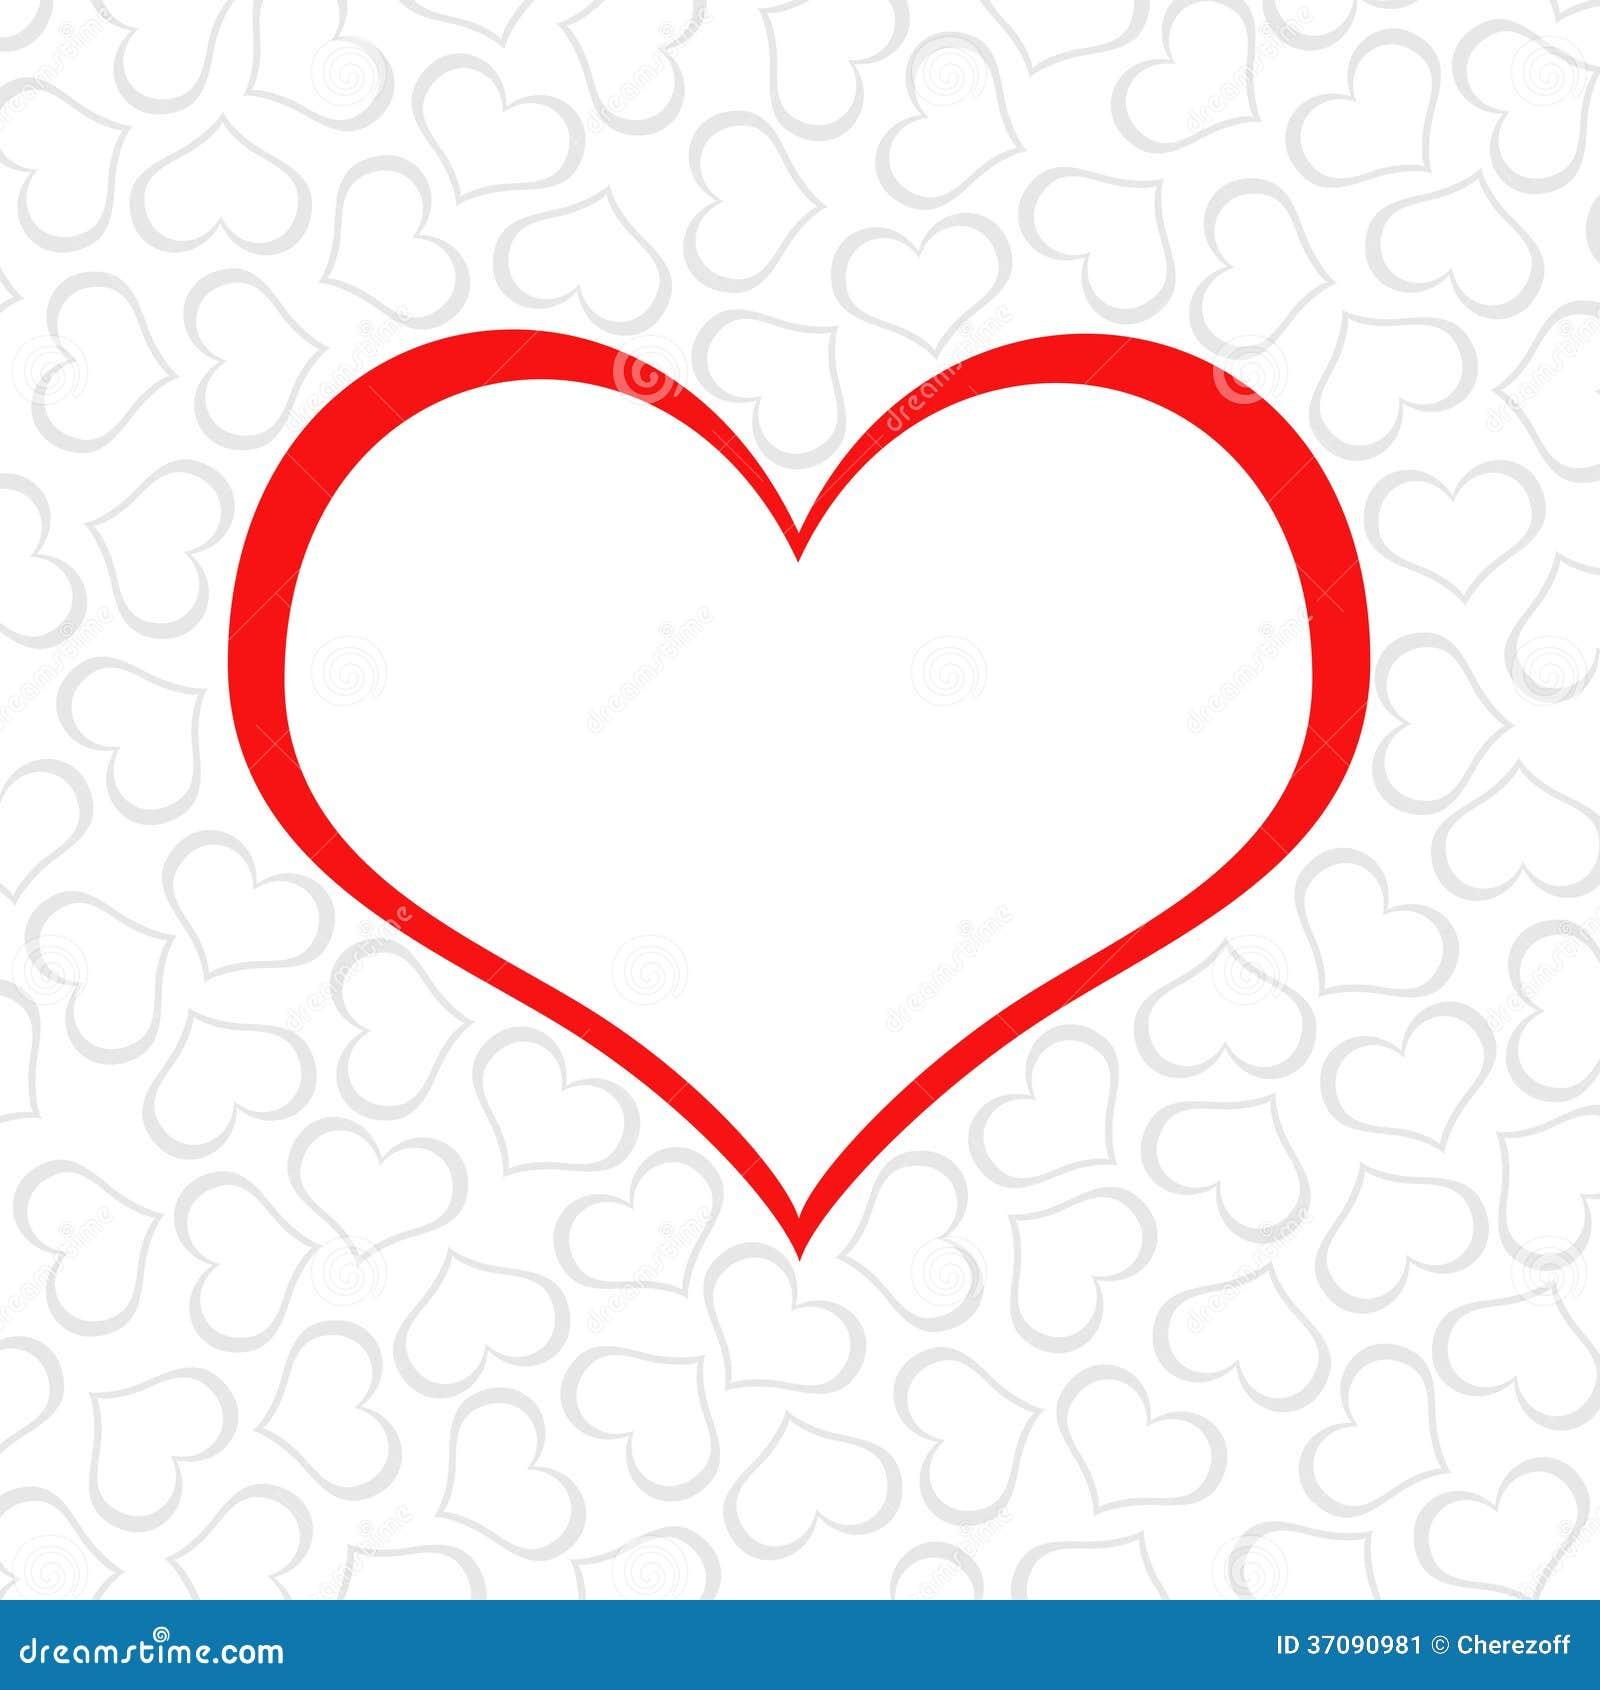 Download Abstrakcjonistyczny Tło Serca Ilustracji - Ilustracja złożonej z wzór, heart: 37090981